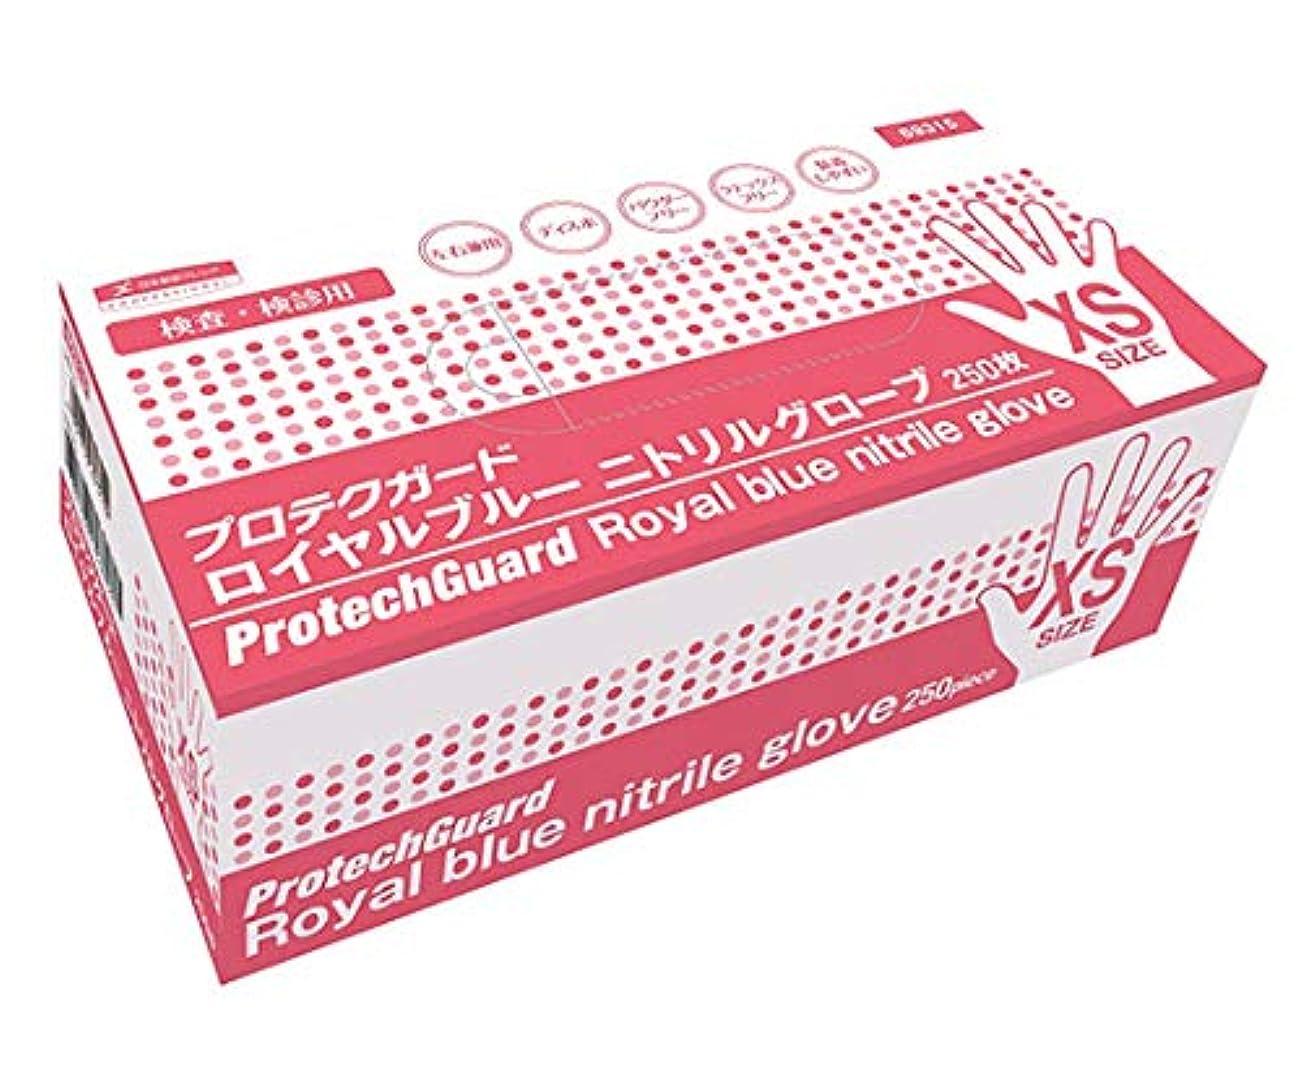 郵便屋さん申し込むエステートクレシア プロテクガード ロイヤルブルーニトリルグローブ XS 250枚×10箱